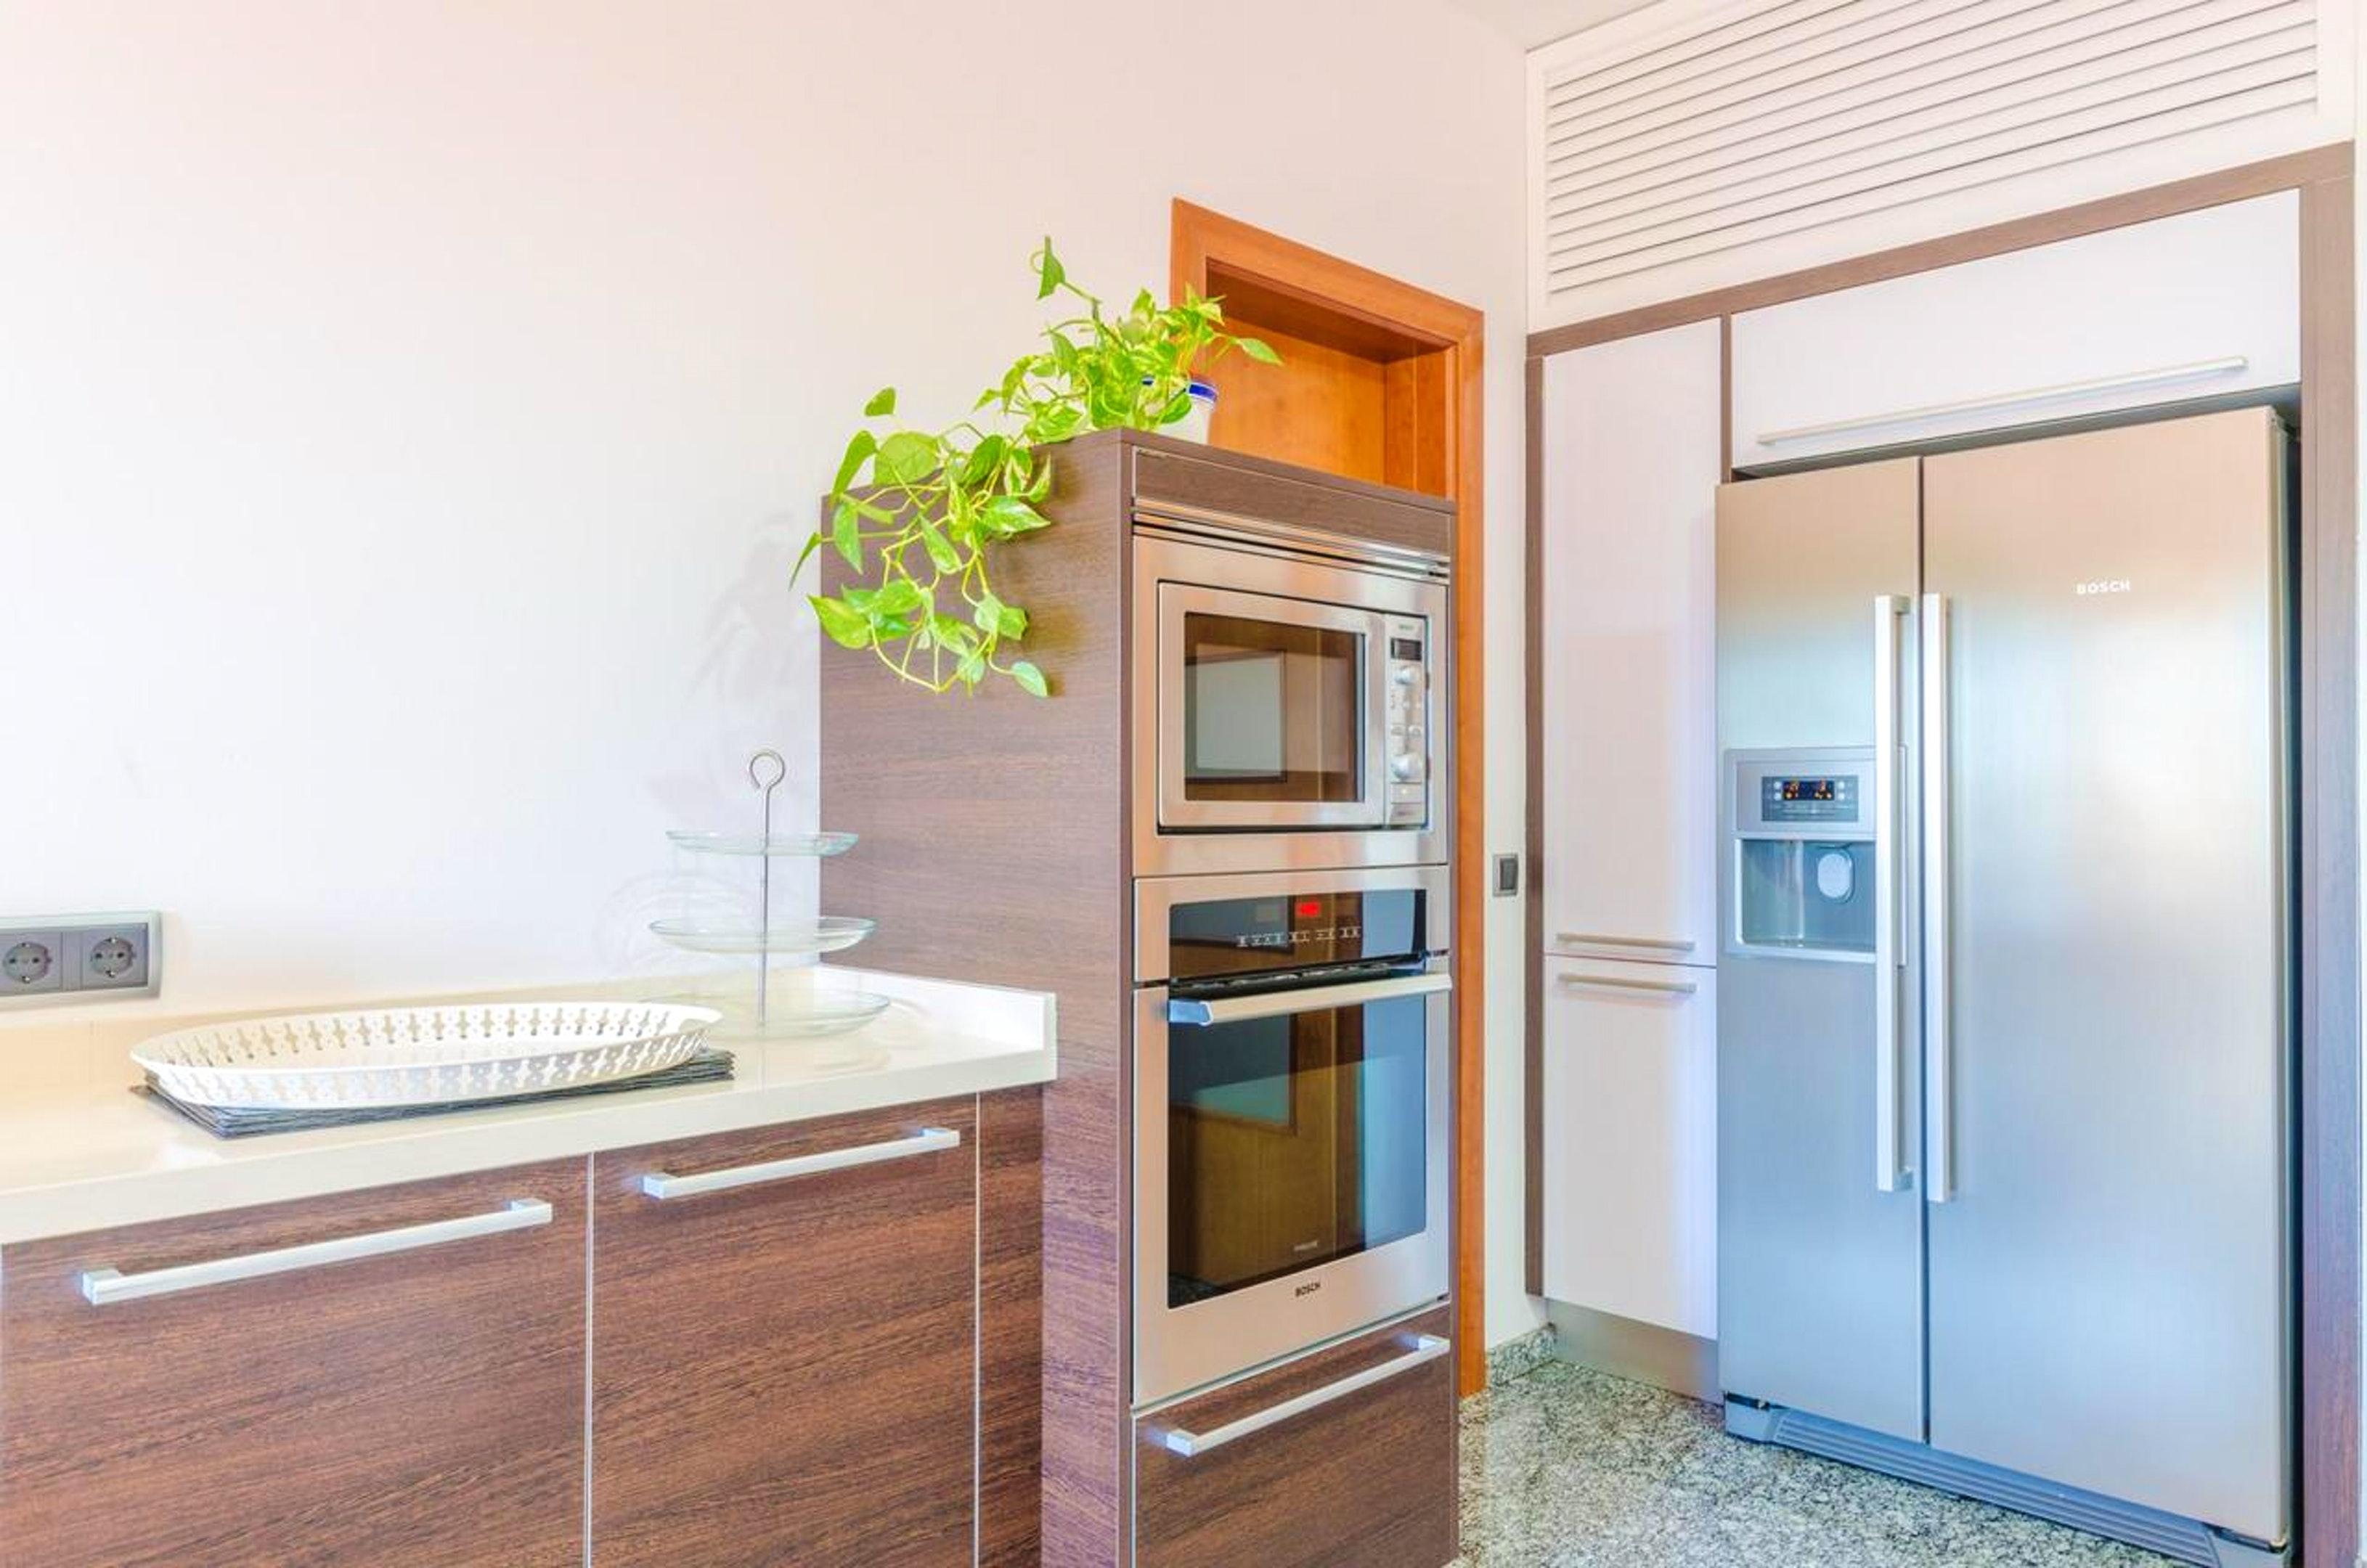 Villa mit 4 Schlafzimmern in Colonia de Sant Jordi mit herrlichem Meerblick privatem Pool möblierter Terrasse 8 km vom Strand entfernt